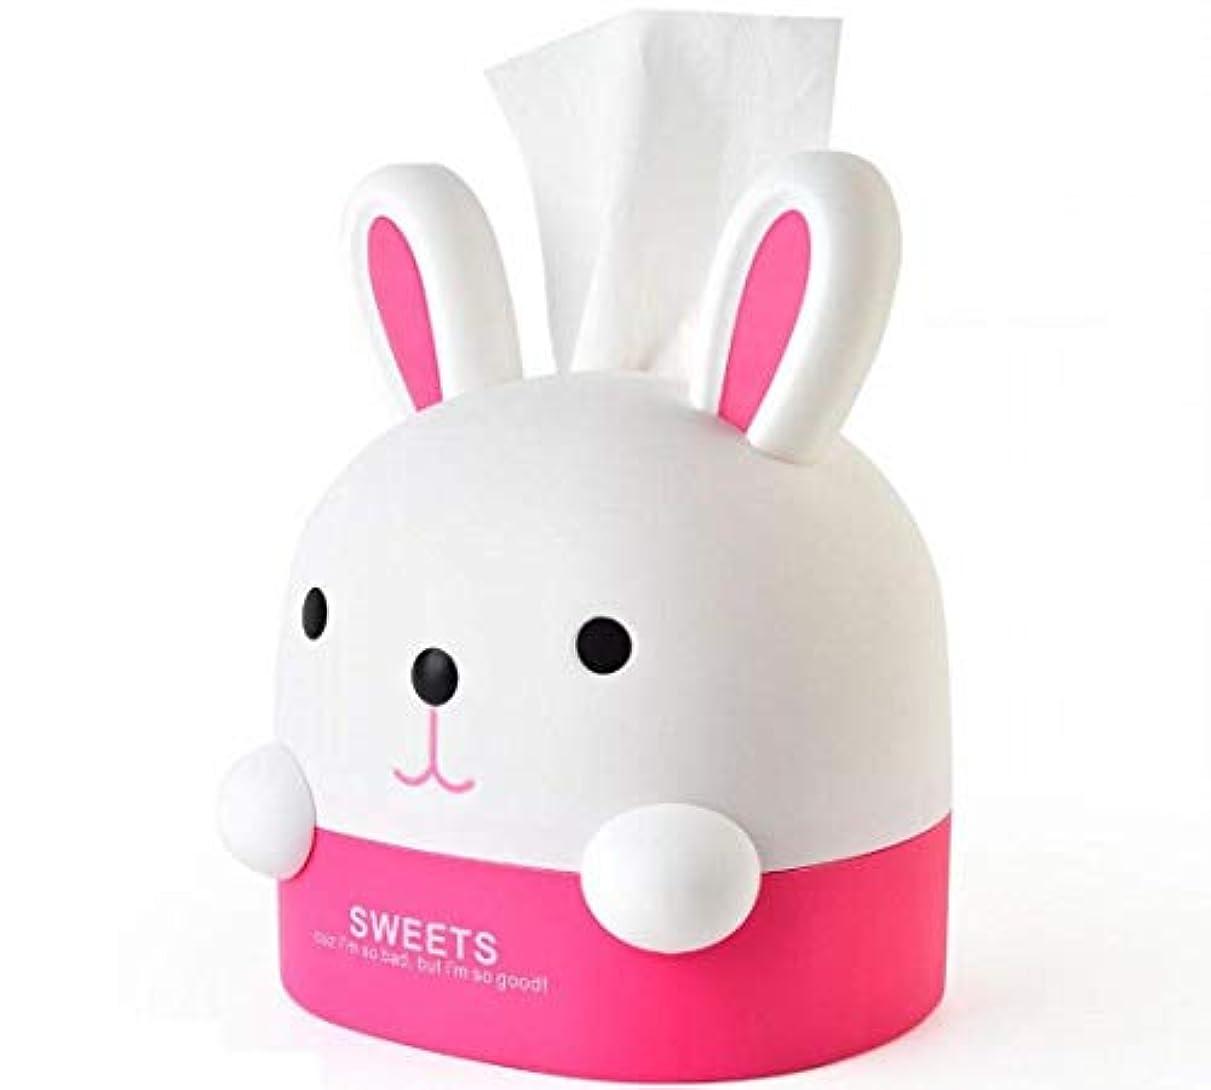 プランター毎月かわすRurumi ウサギ 卓上 トイレットペーパー ホルダー (ペーパー1ロール付属) ケース ロール ペーパー ティッシュ カバー 兎 バニー ペーパー入れ (ビビット ピンク)